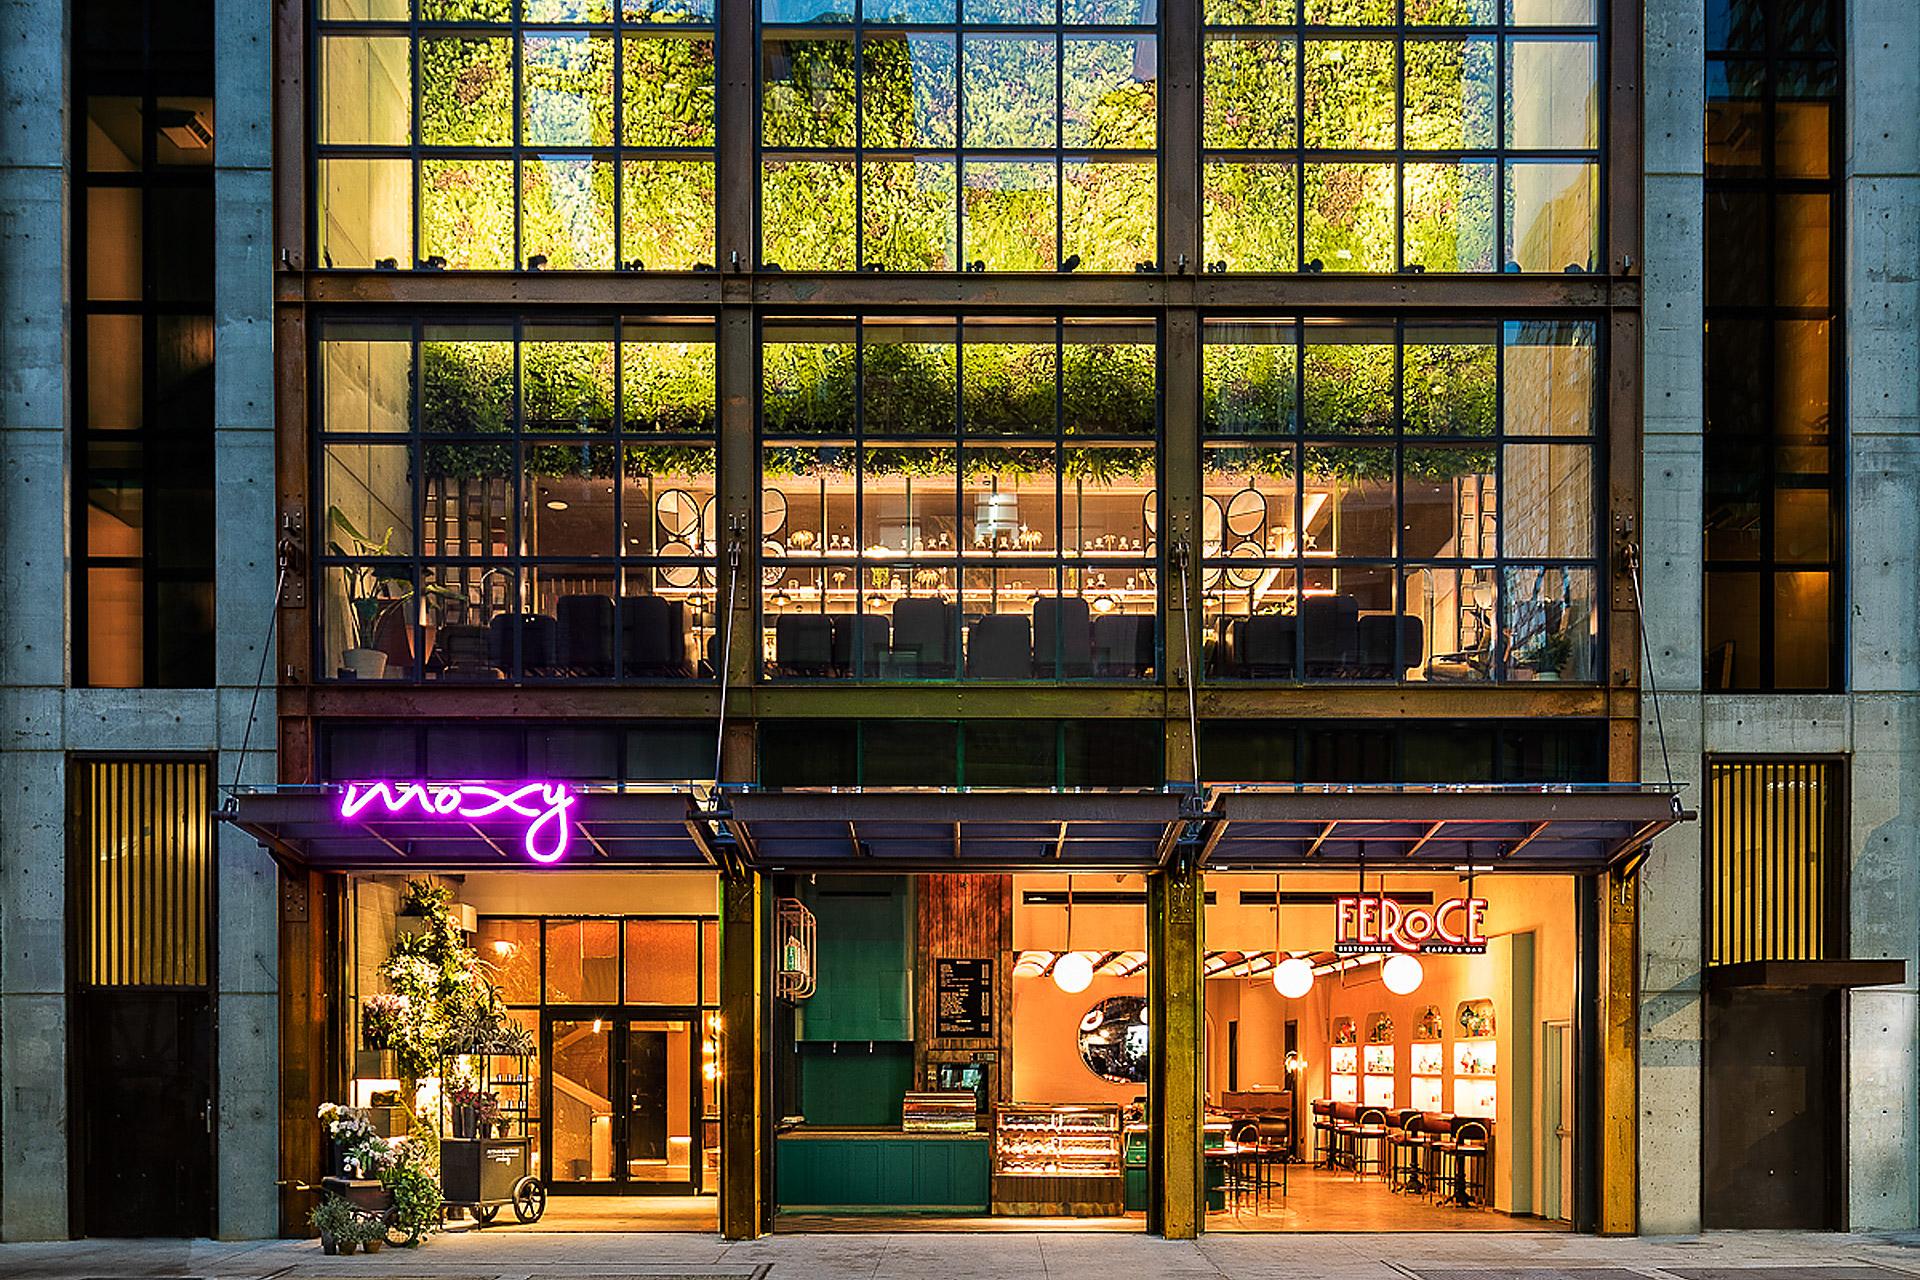 Moxy Chelsea Hotel